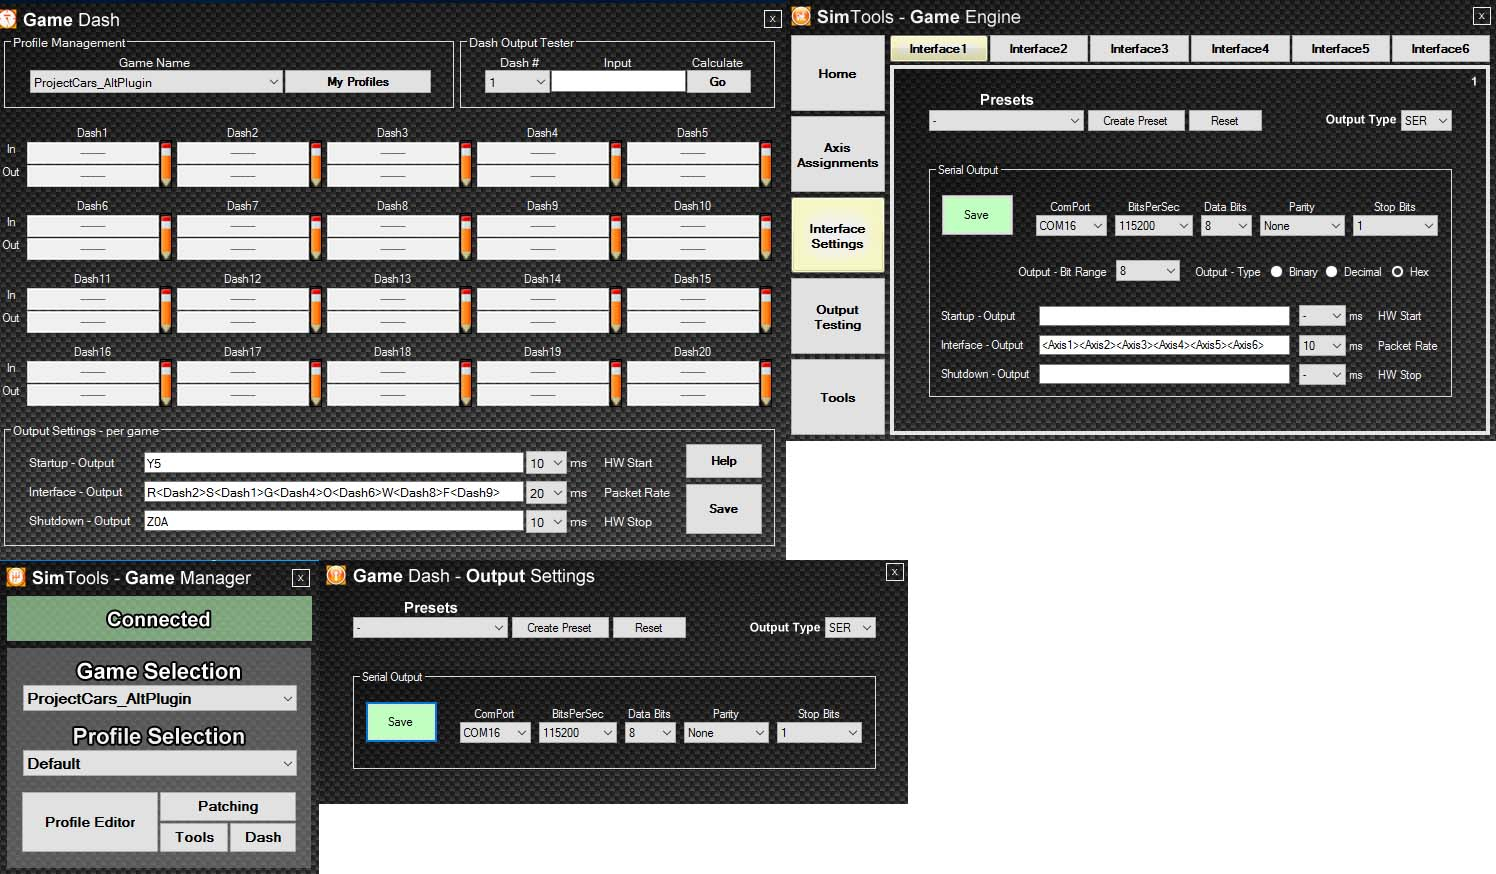 dash_settings.jpg